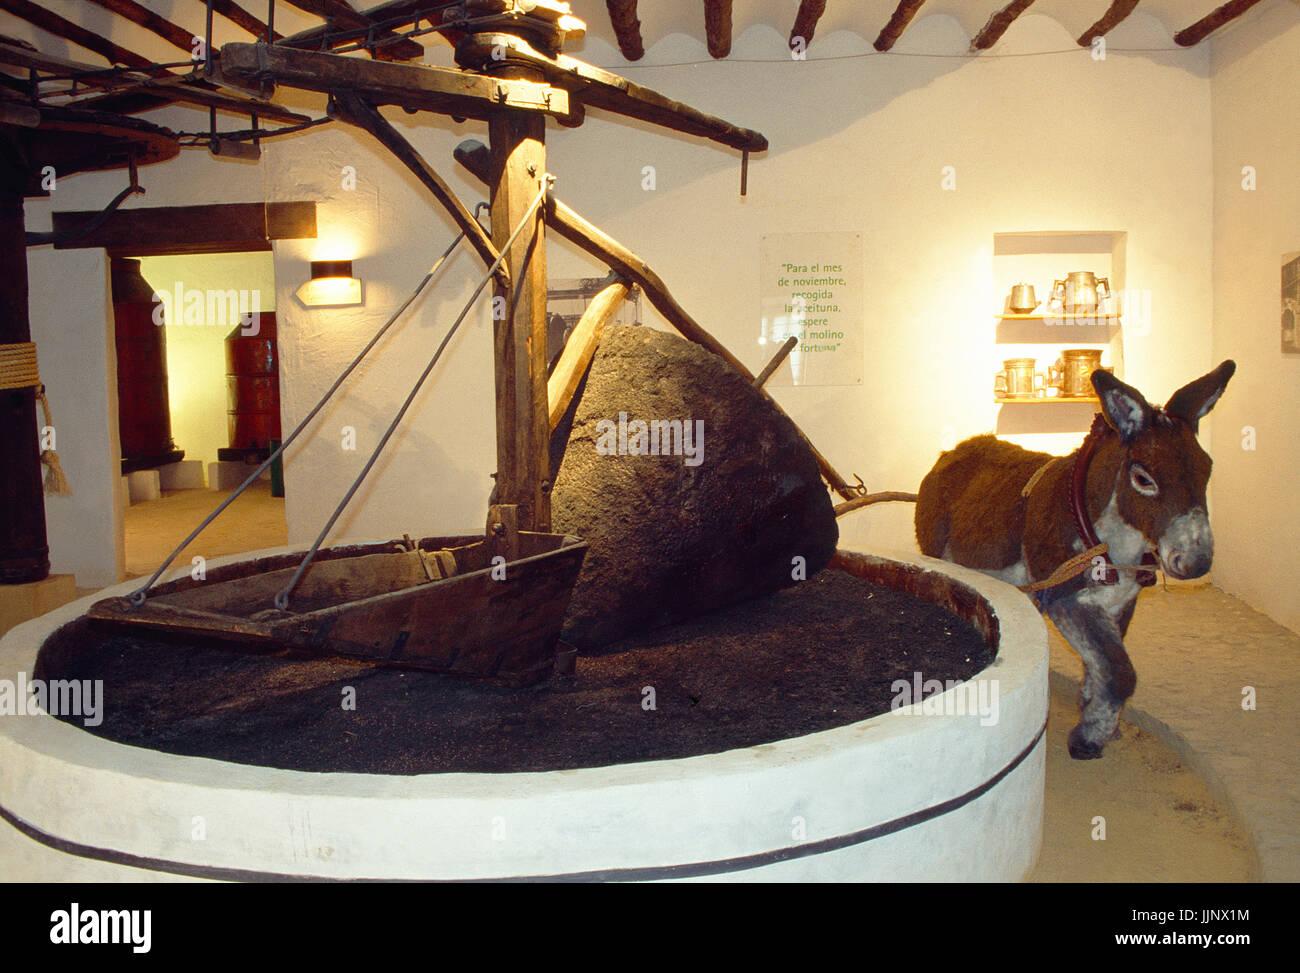 Premere alori. Cultura del museo di olivo, Baeza, Provincia di Jaen, Andalusia. Immagini Stock